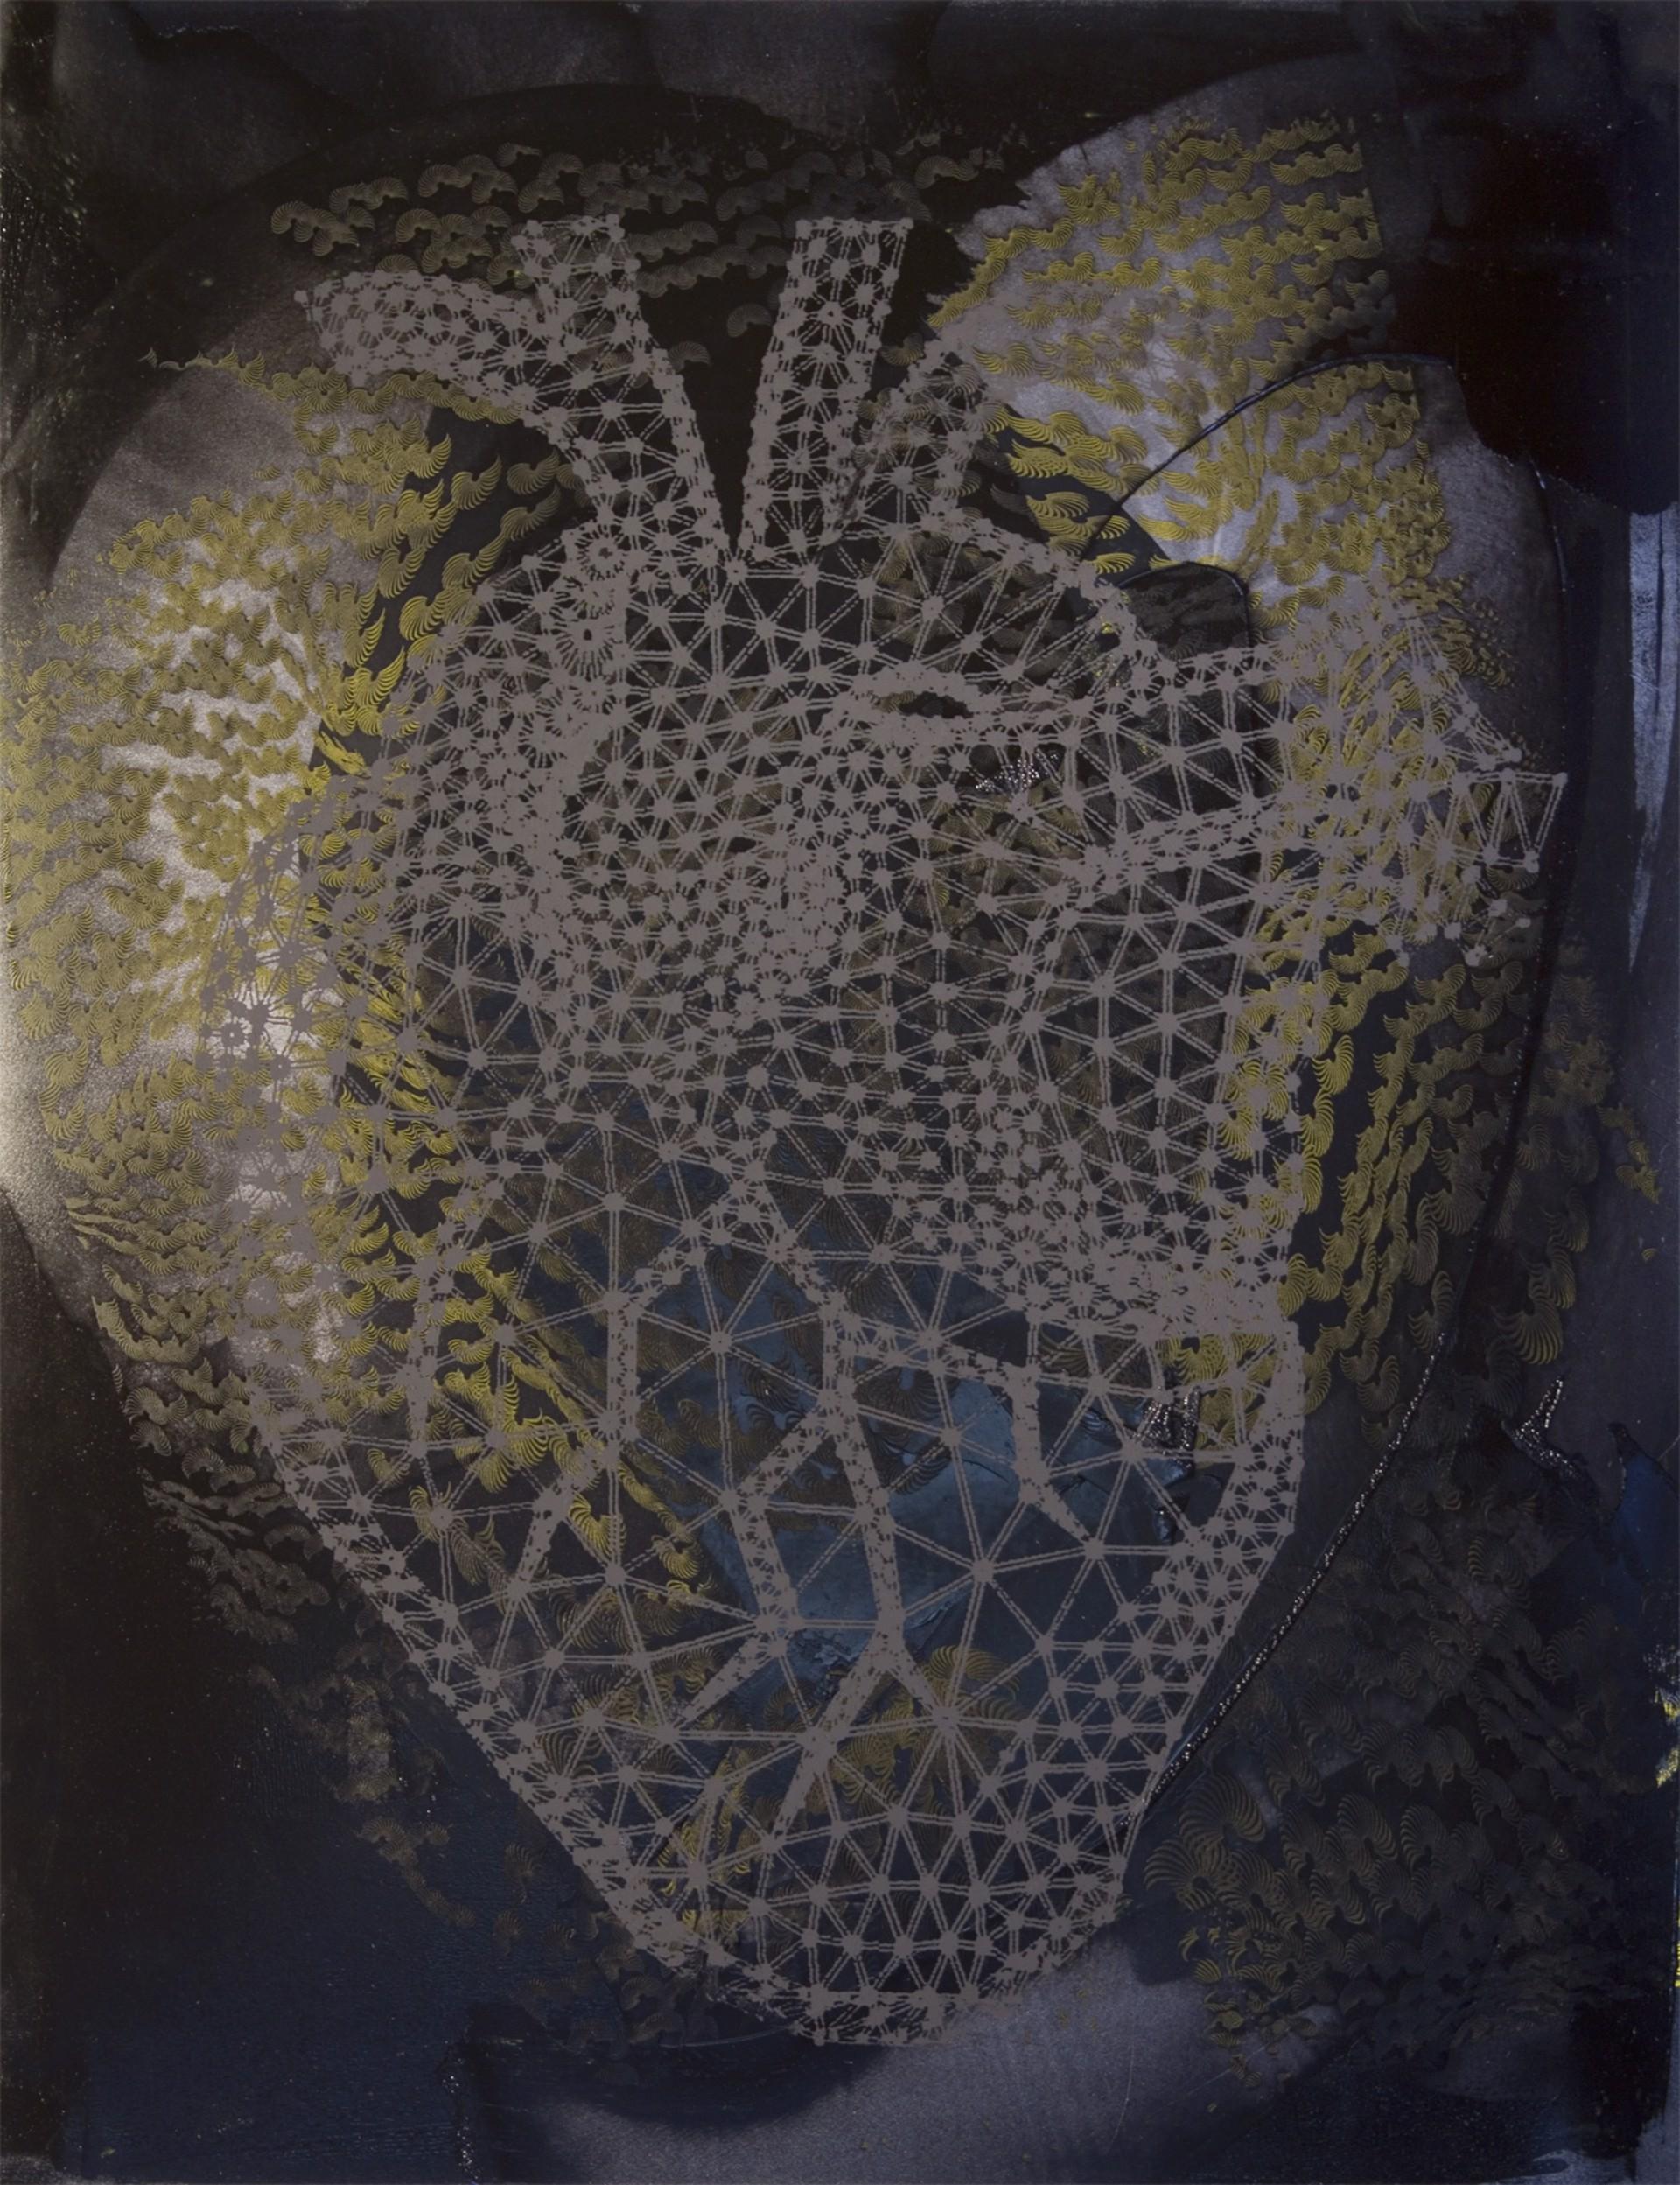 Dark Heart by Dorothea Van Camp